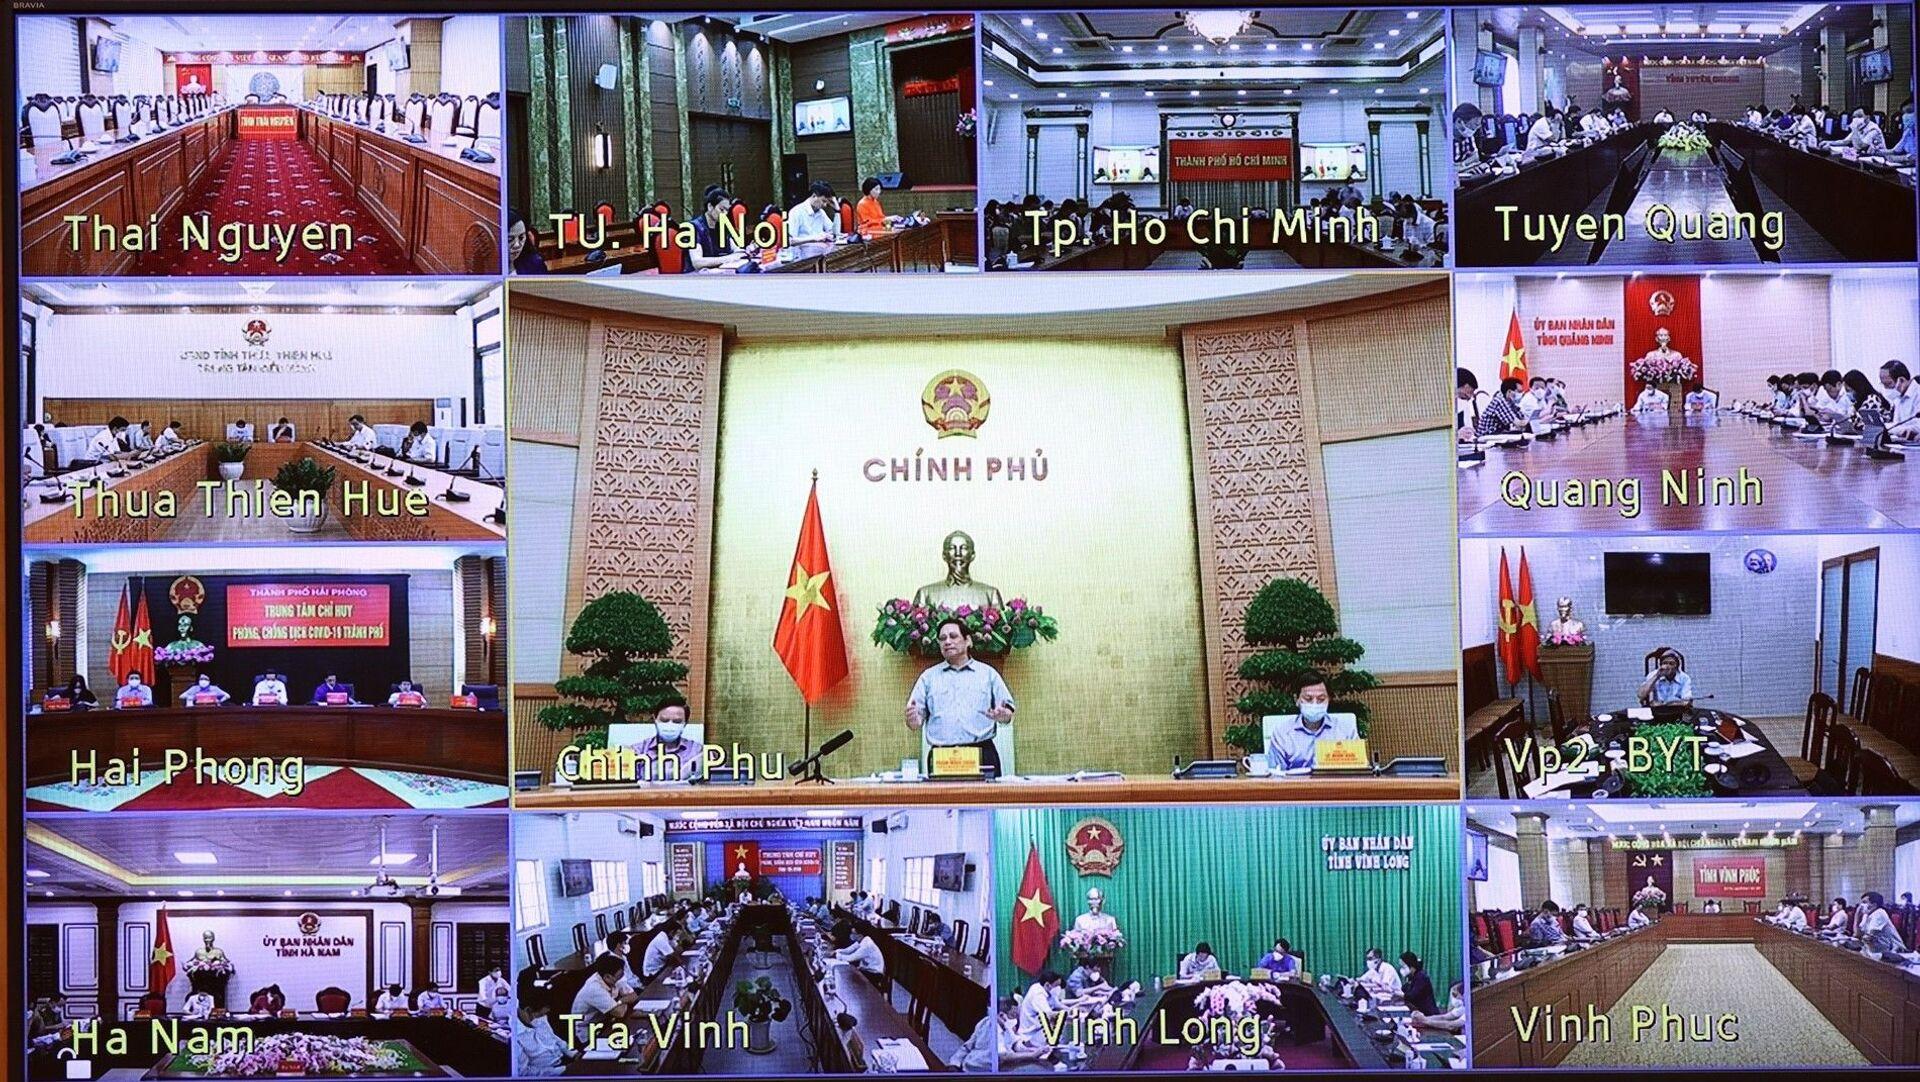 Cuộc họp được kết nối tới điểm cầu tại 10.400 xã, phường, thị trấn; 705 quận, huyện, thị xã, thành phố và 63 tỉnh, thành phố trên toàn quốc - Sputnik Việt Nam, 1920, 05.10.2021